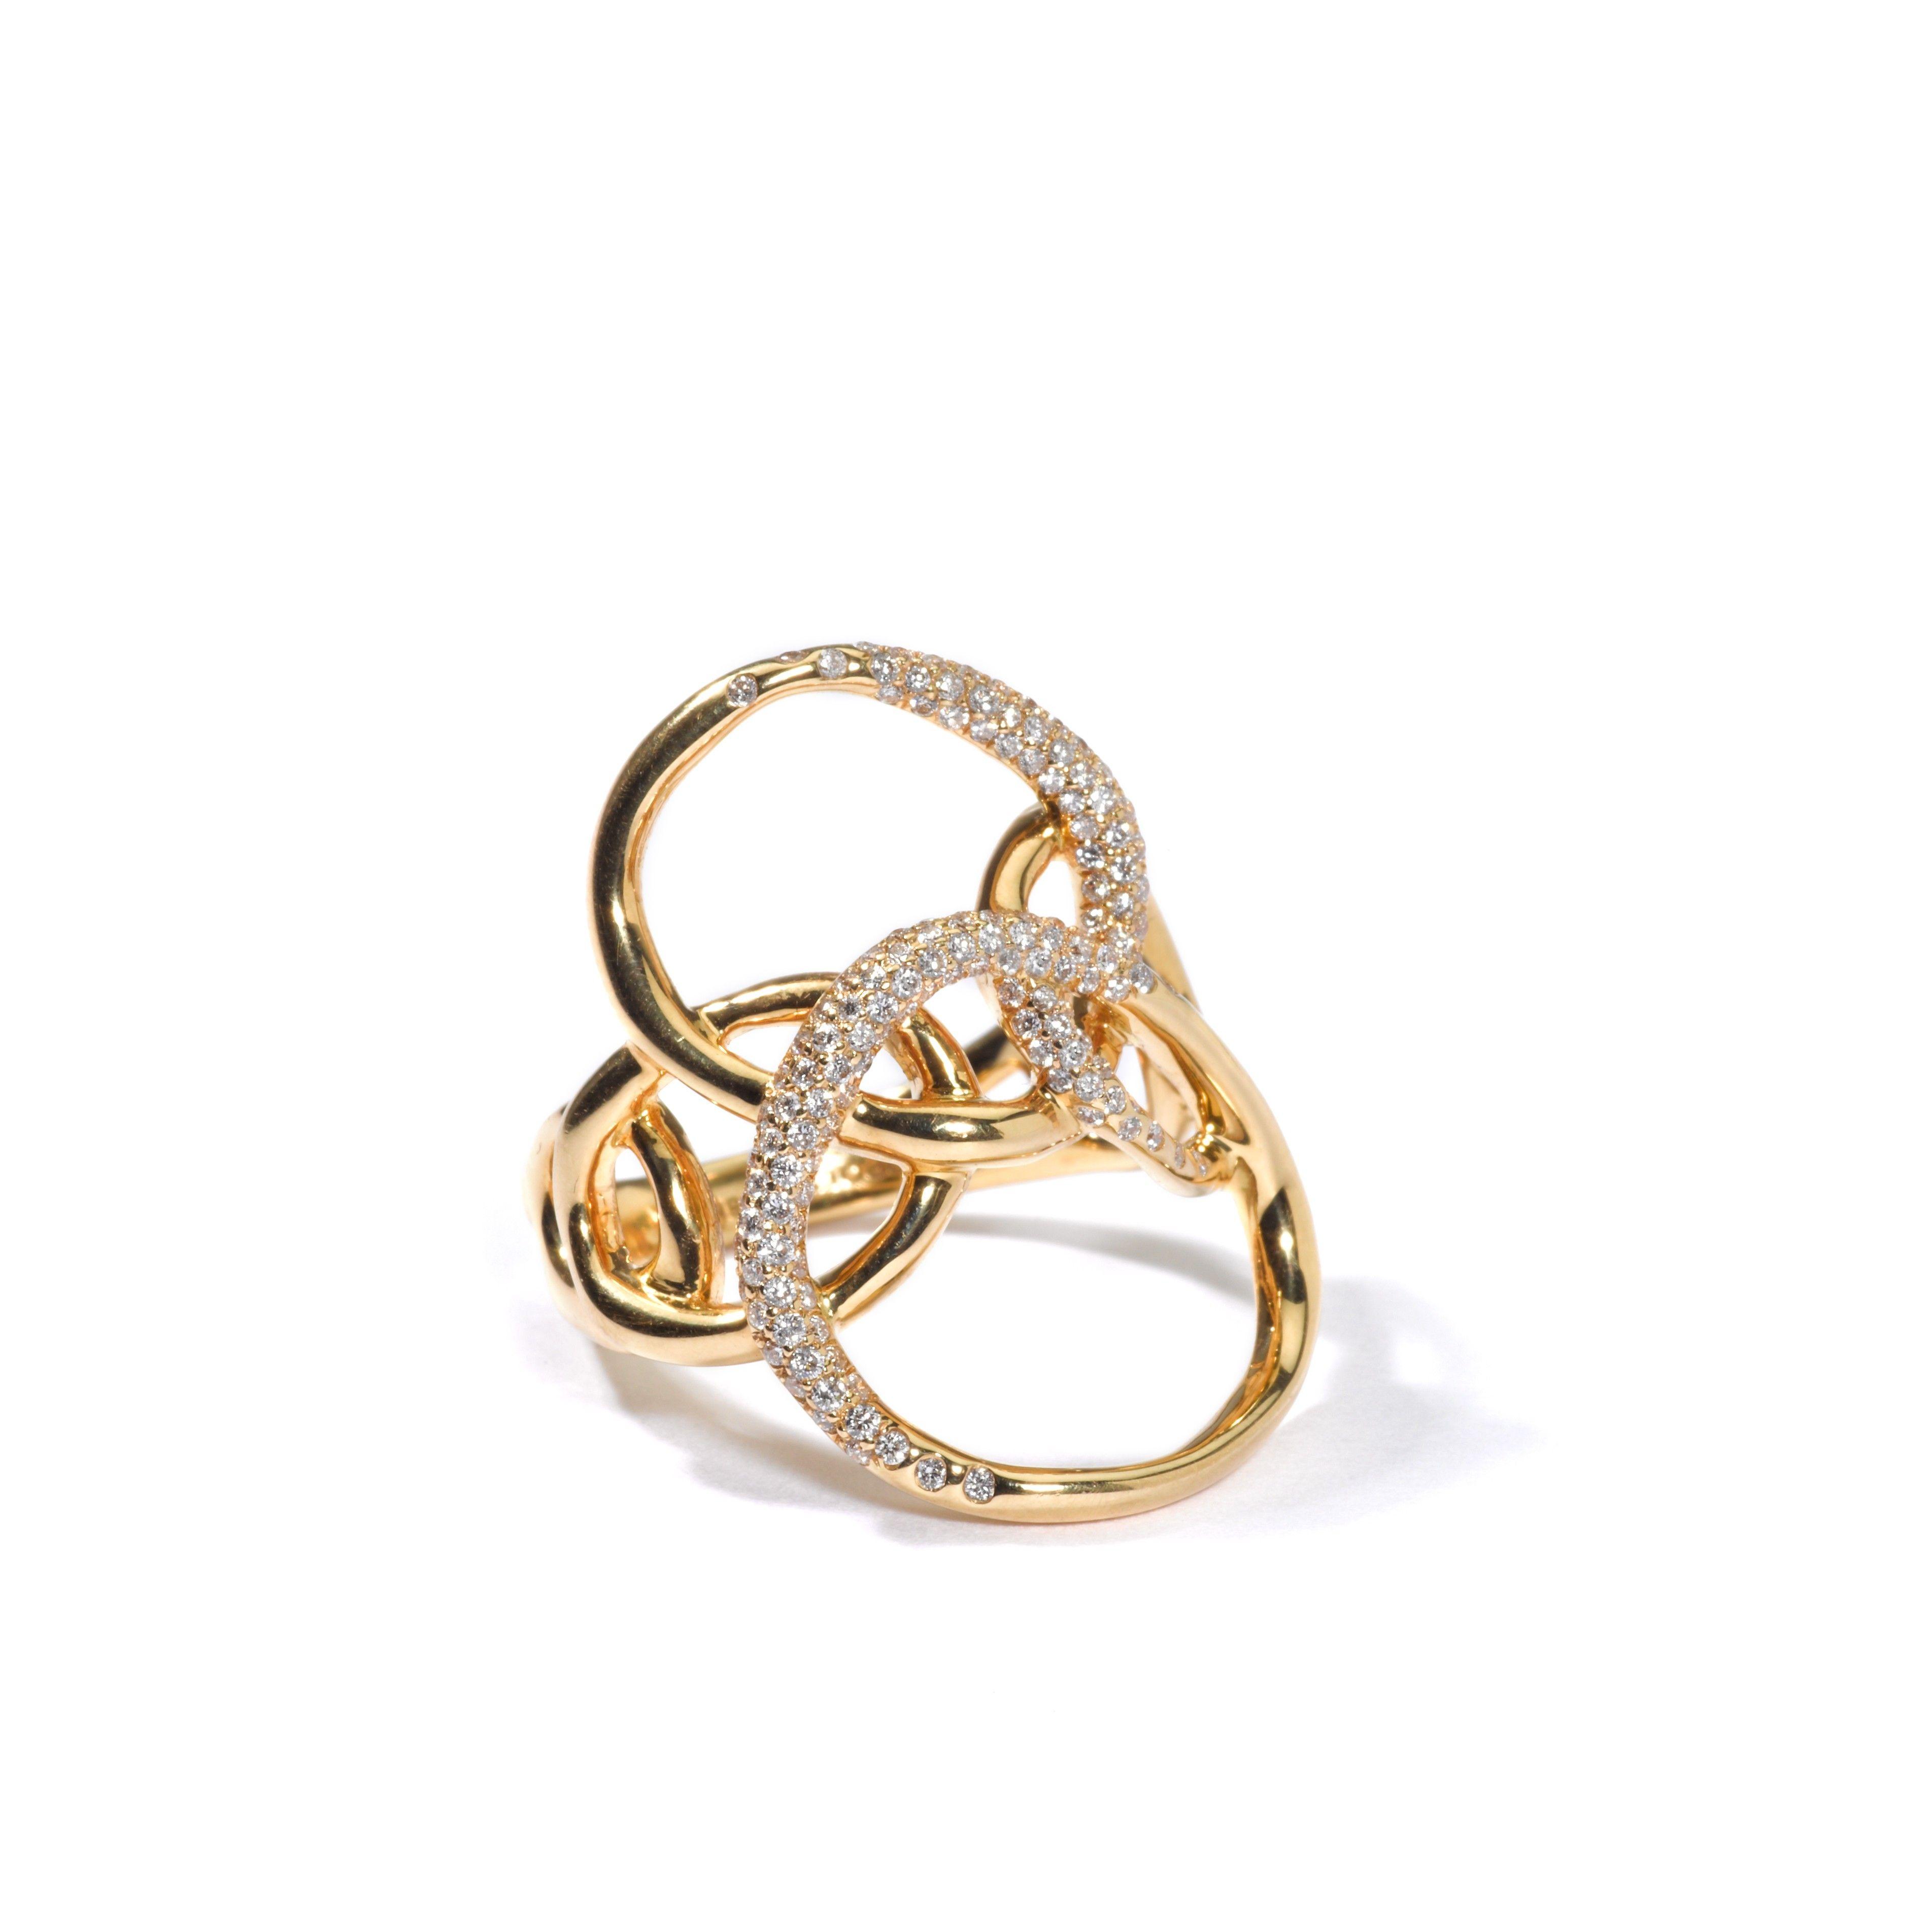 Ippolita 18k Gold Drizzle Ring with Diamonds J6ldzFSwz